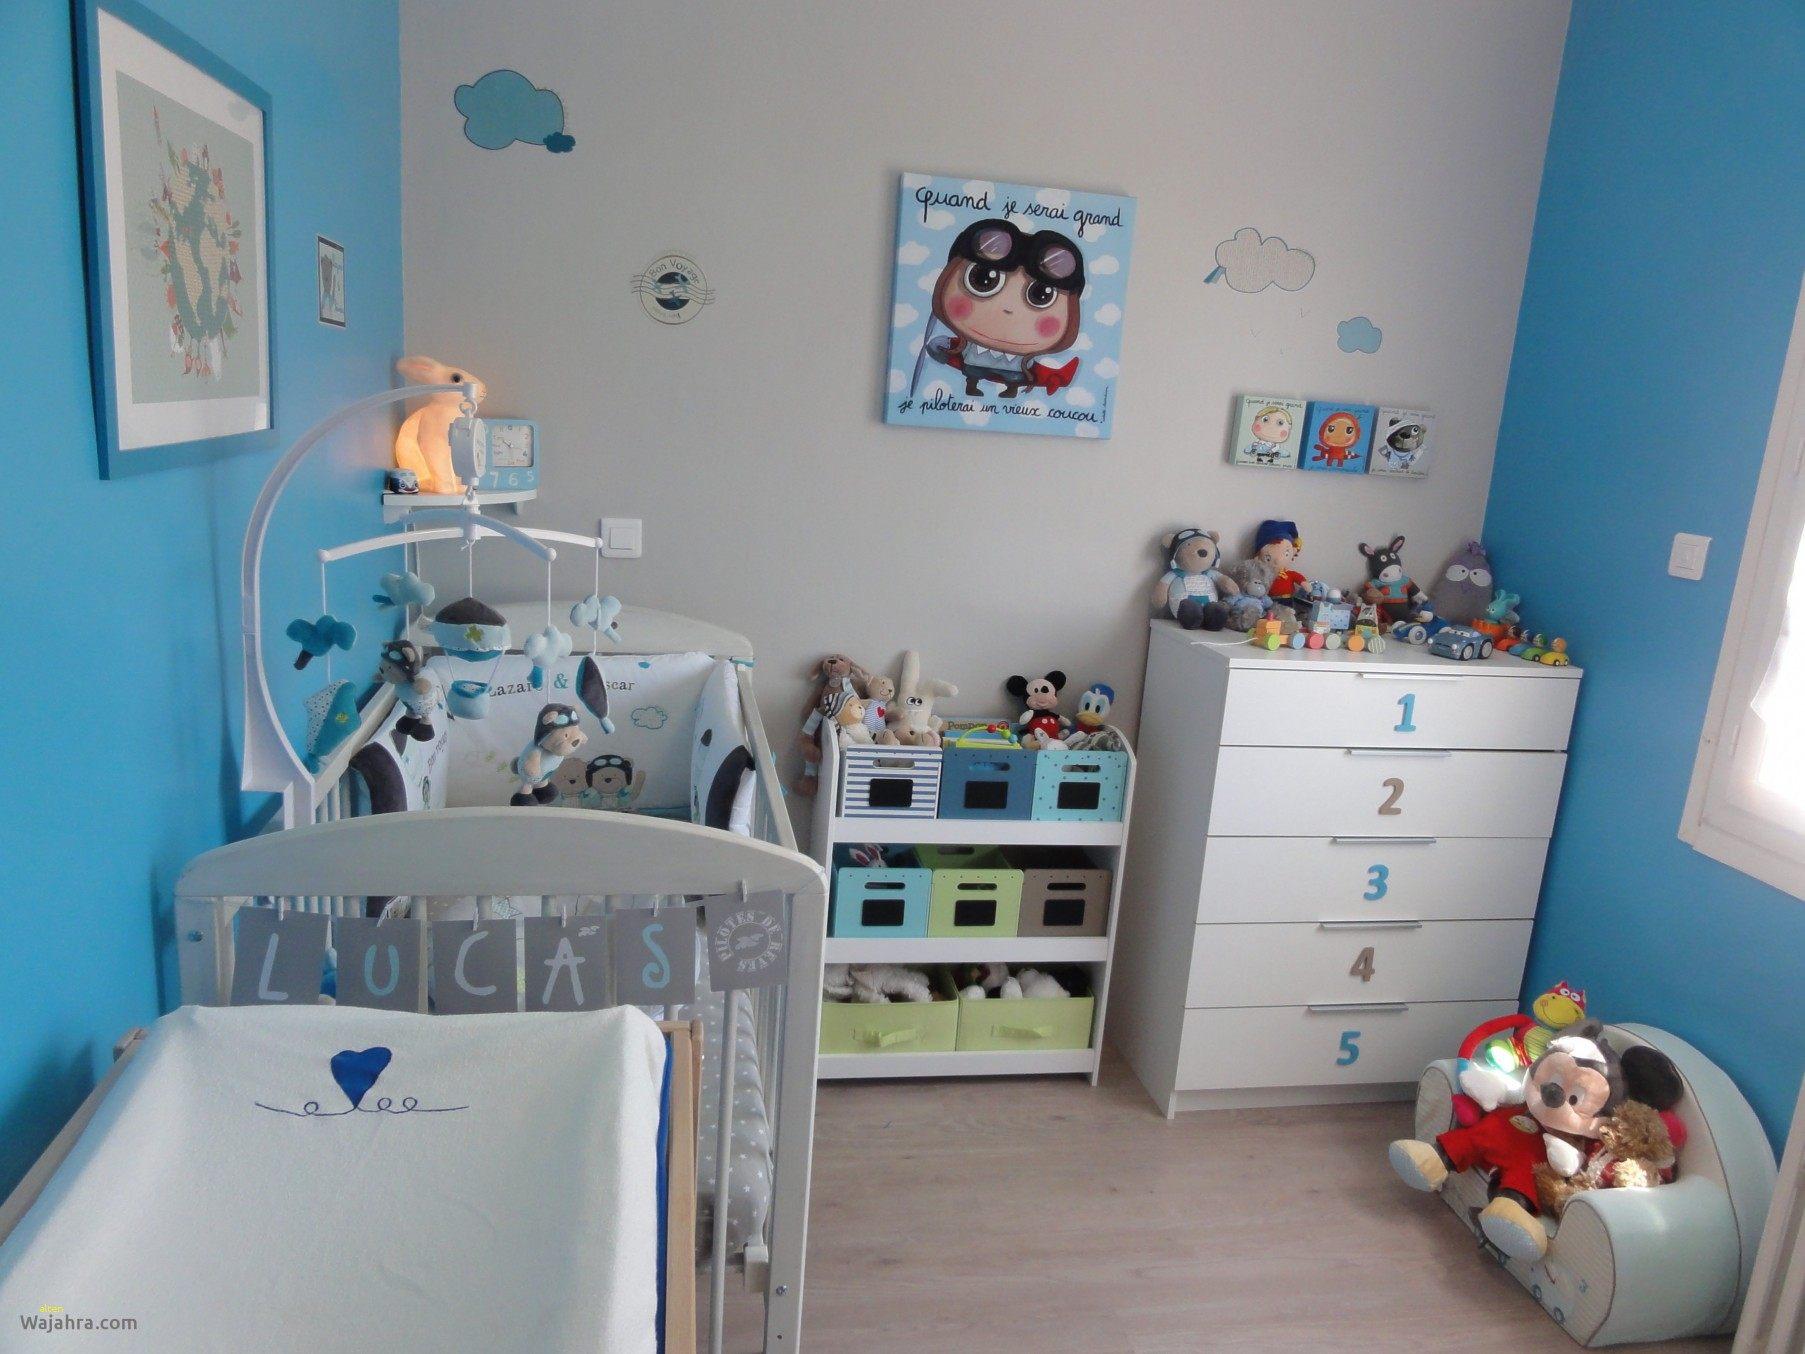 Lit Bébé Ovale Le Luxe Grande Baignoire Bébé Lovely Lit Bébé Fille Elégant Parc B C3 A9b C3